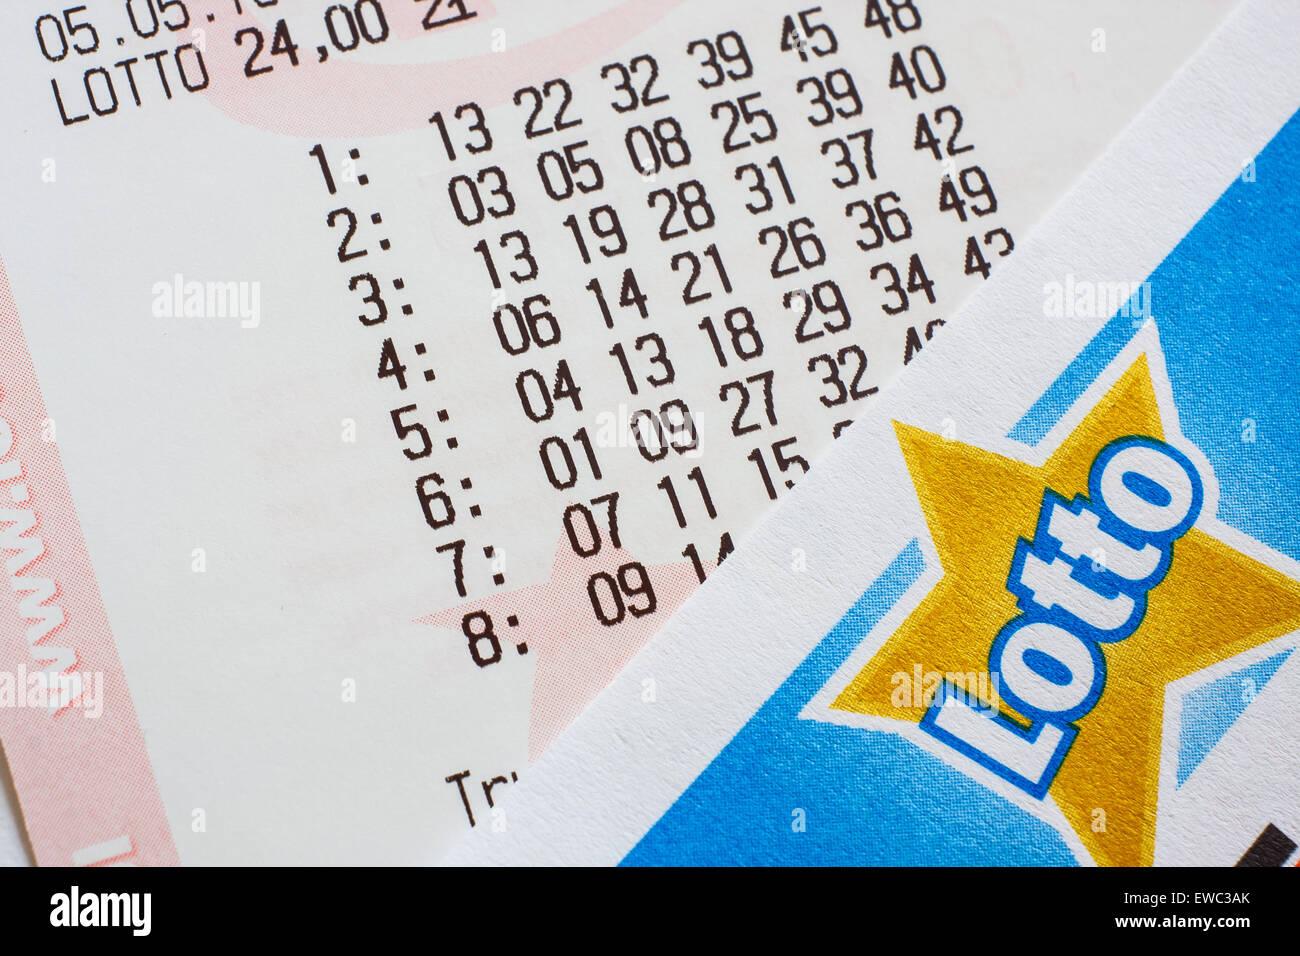 GDANSK, Polonia - 05 maggio 2015. Biglietto del lotto con i numeri Immagini Stock